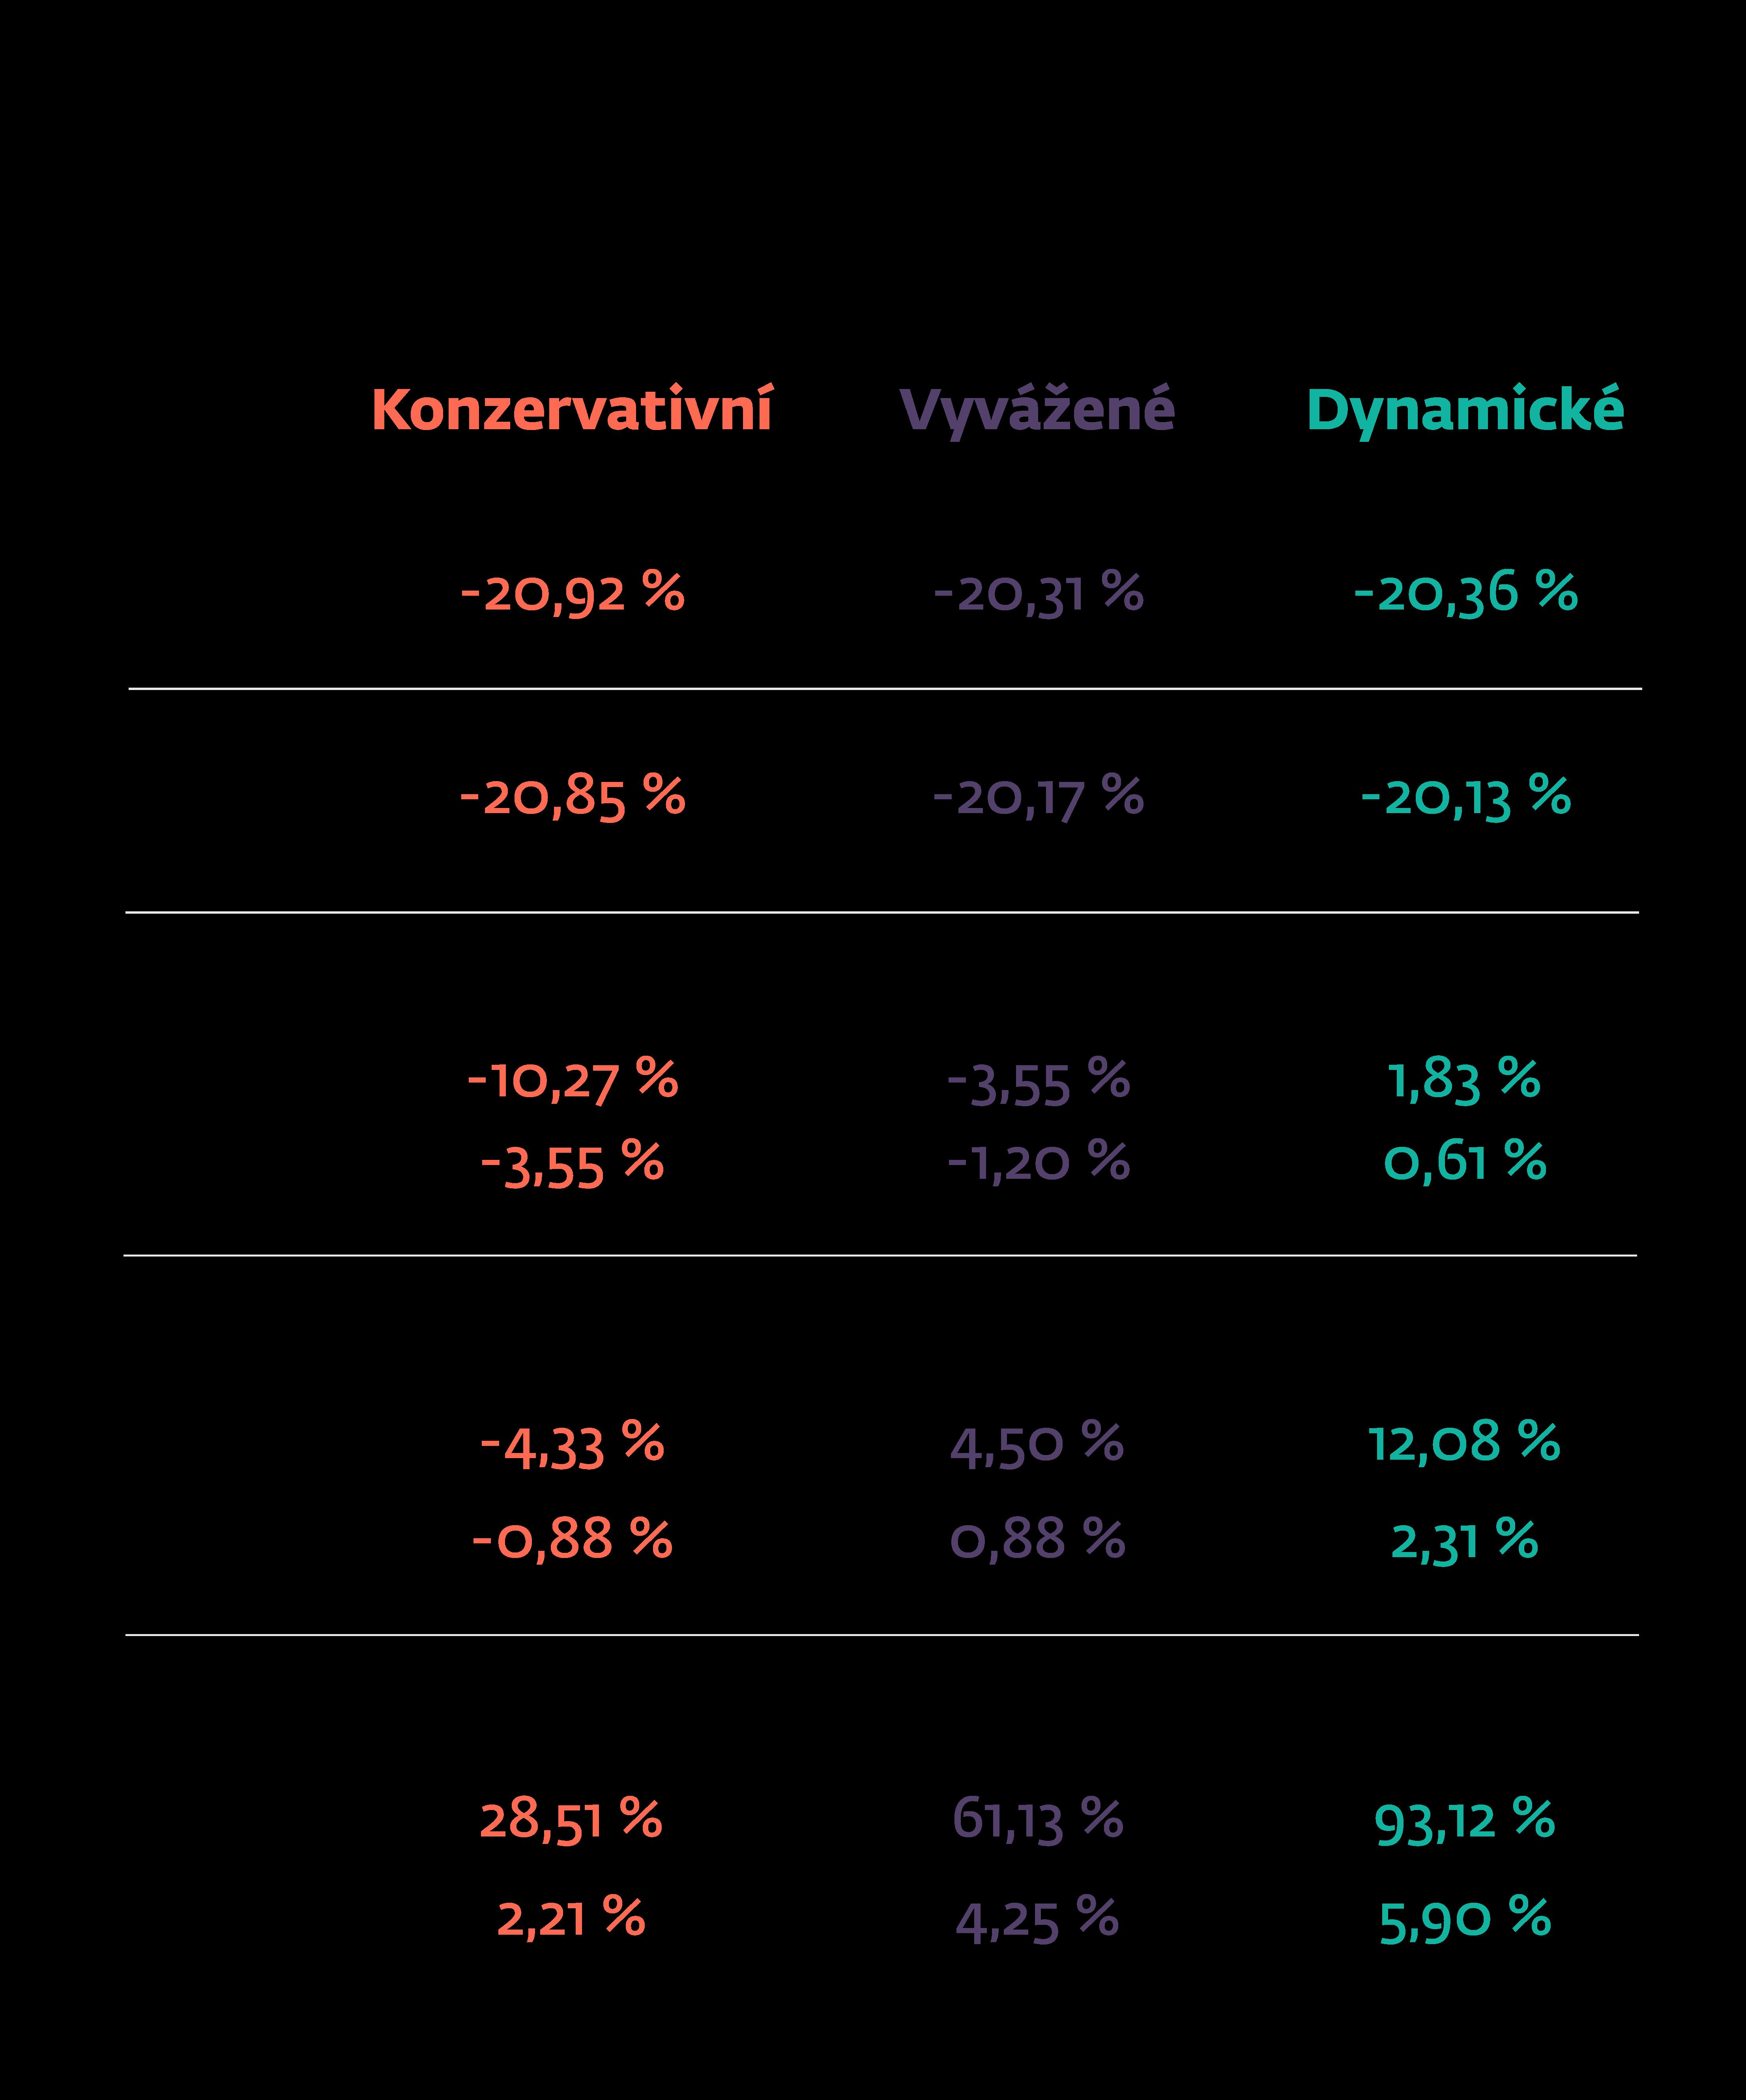 tabulka s výnosy